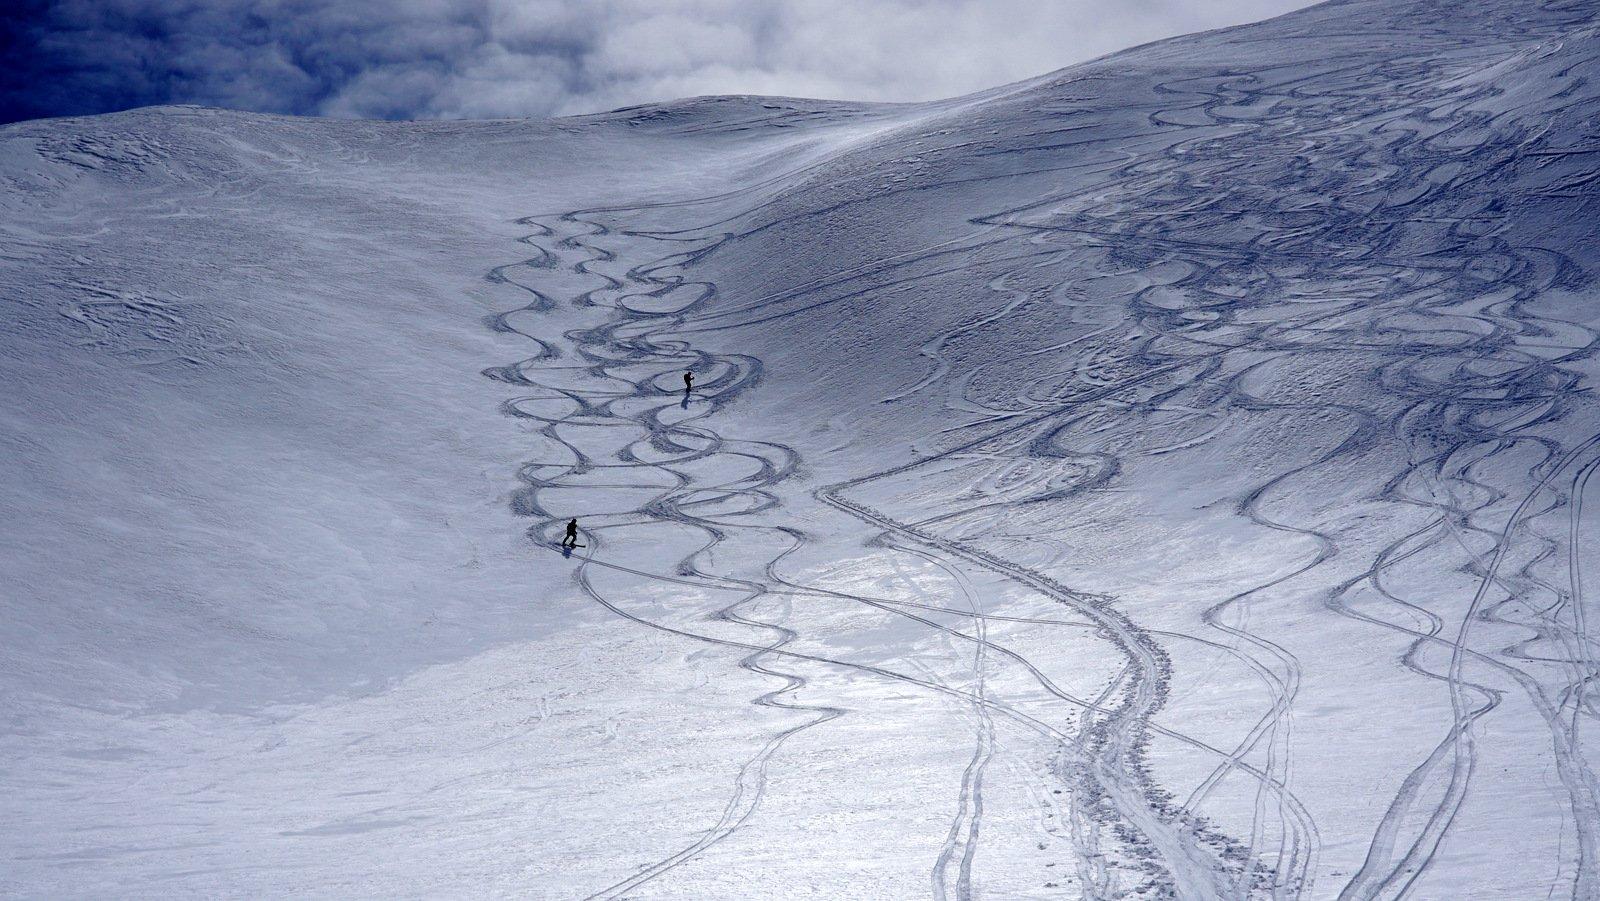 Bei pendii sotto la vetta con neve bella